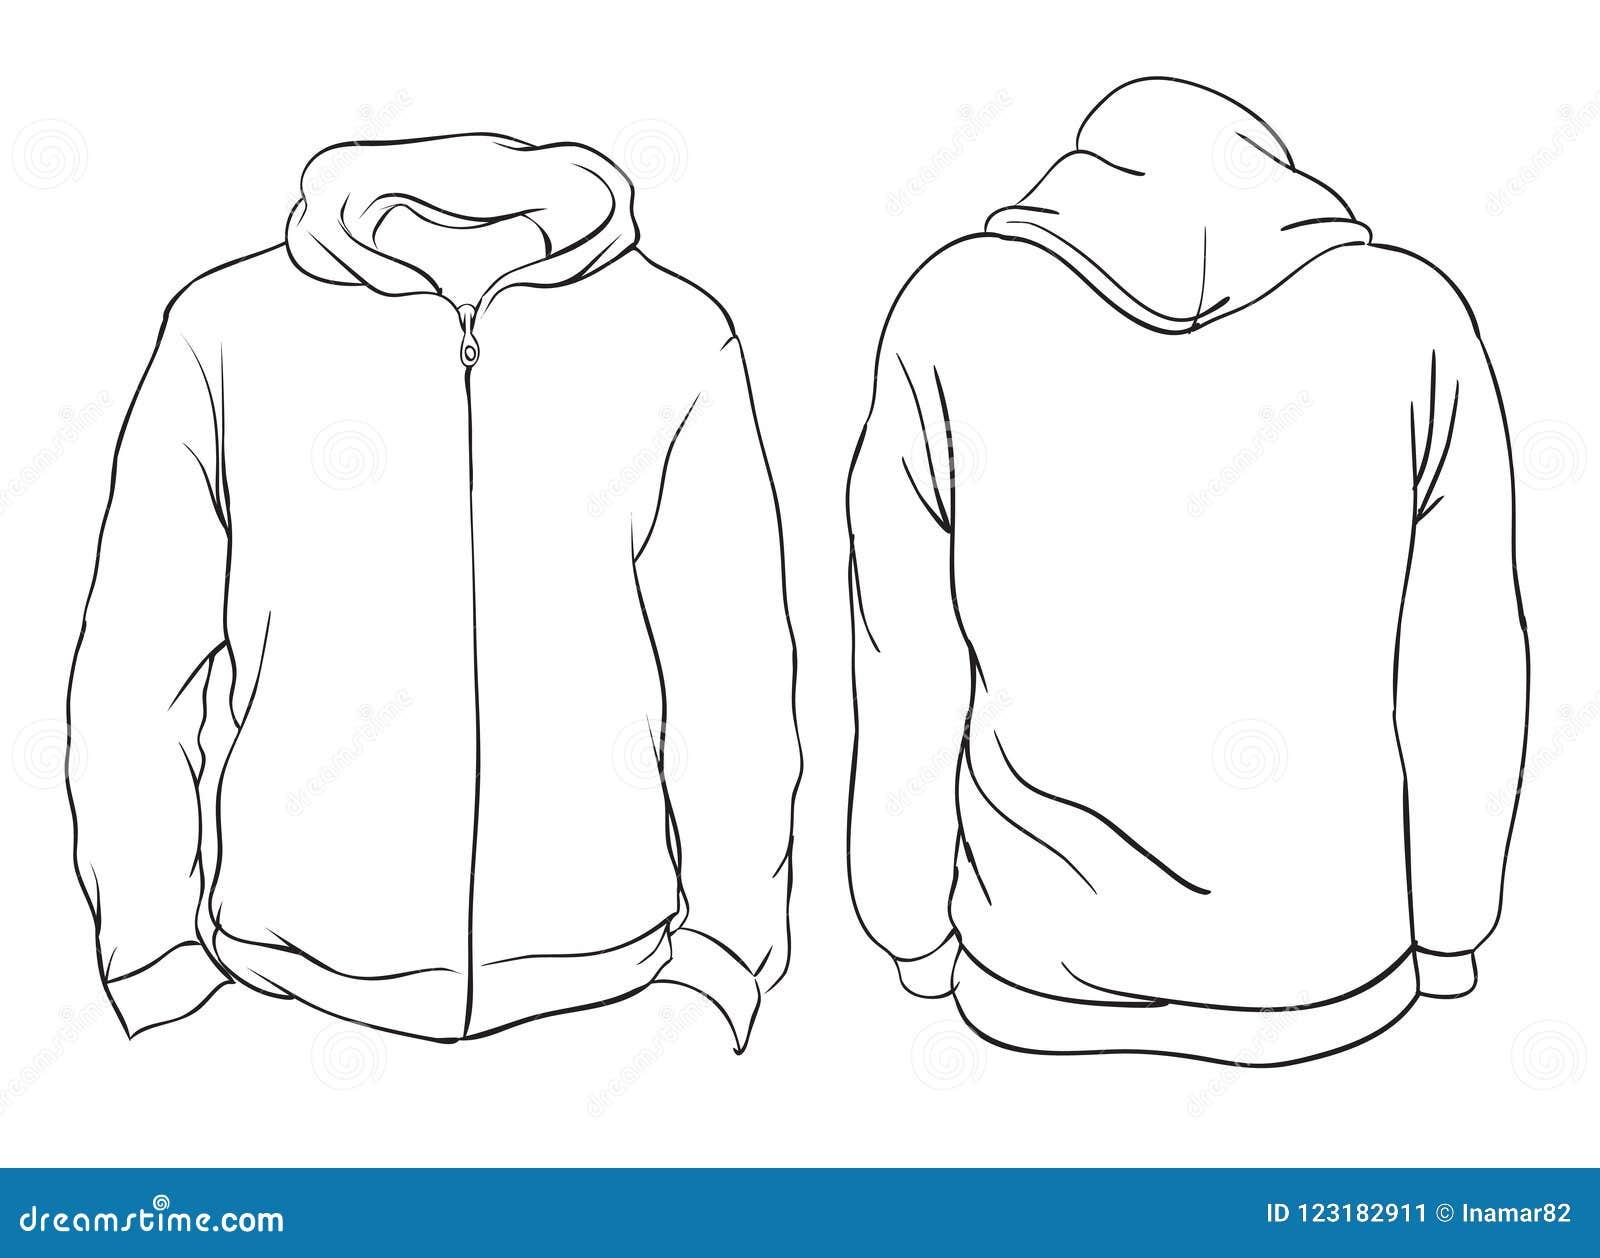 Illustrazione di vettore Viste anteriori e posteriori del rivestimento in bianco di maglia con cappuccio I